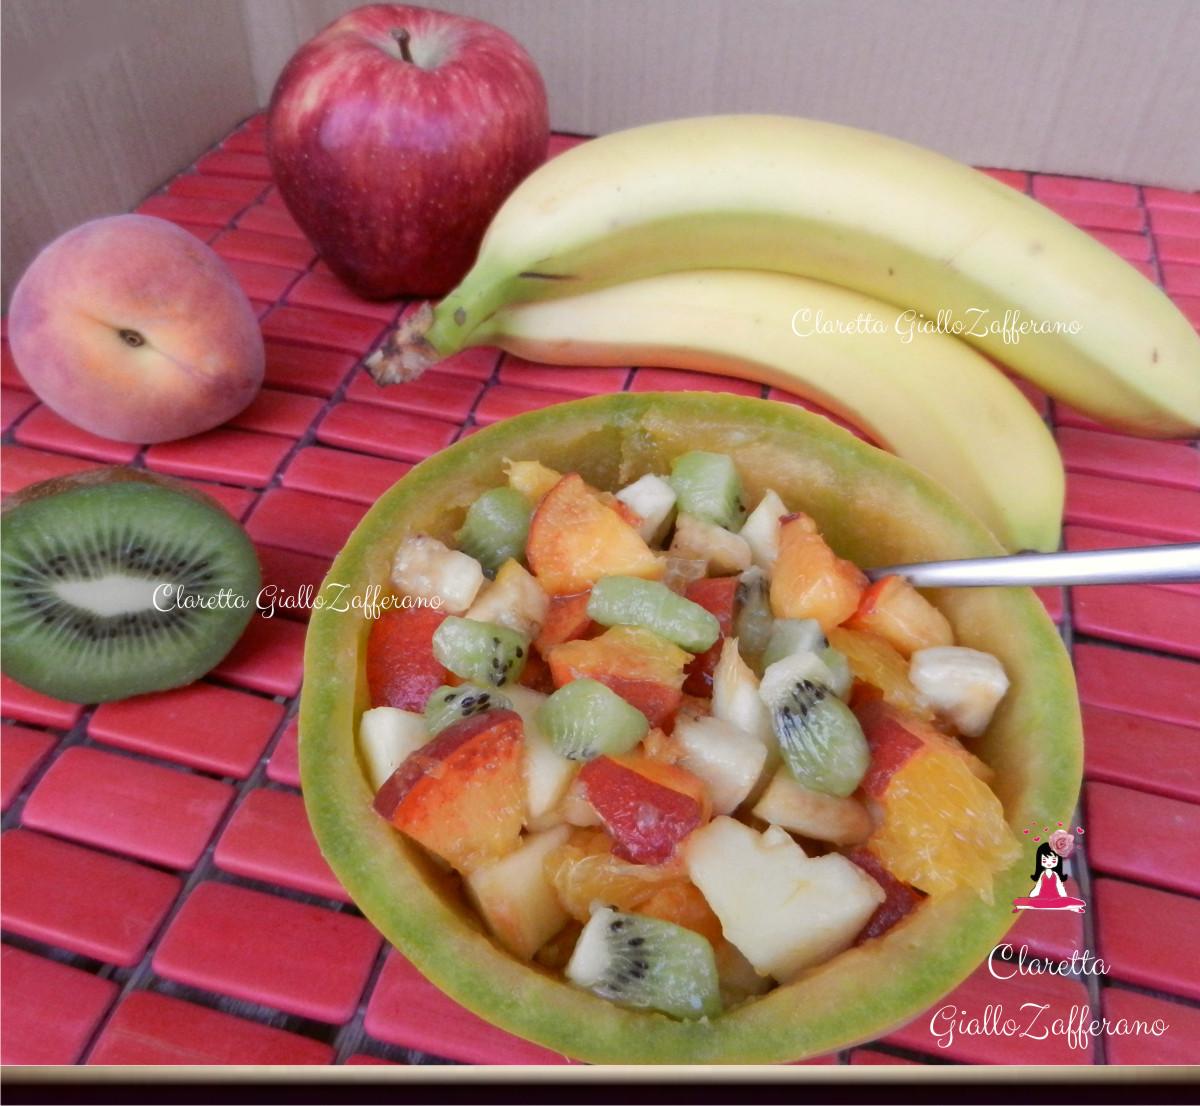 Macedonia di frutta, Ricetta estiva, Claretta GialloZafferano